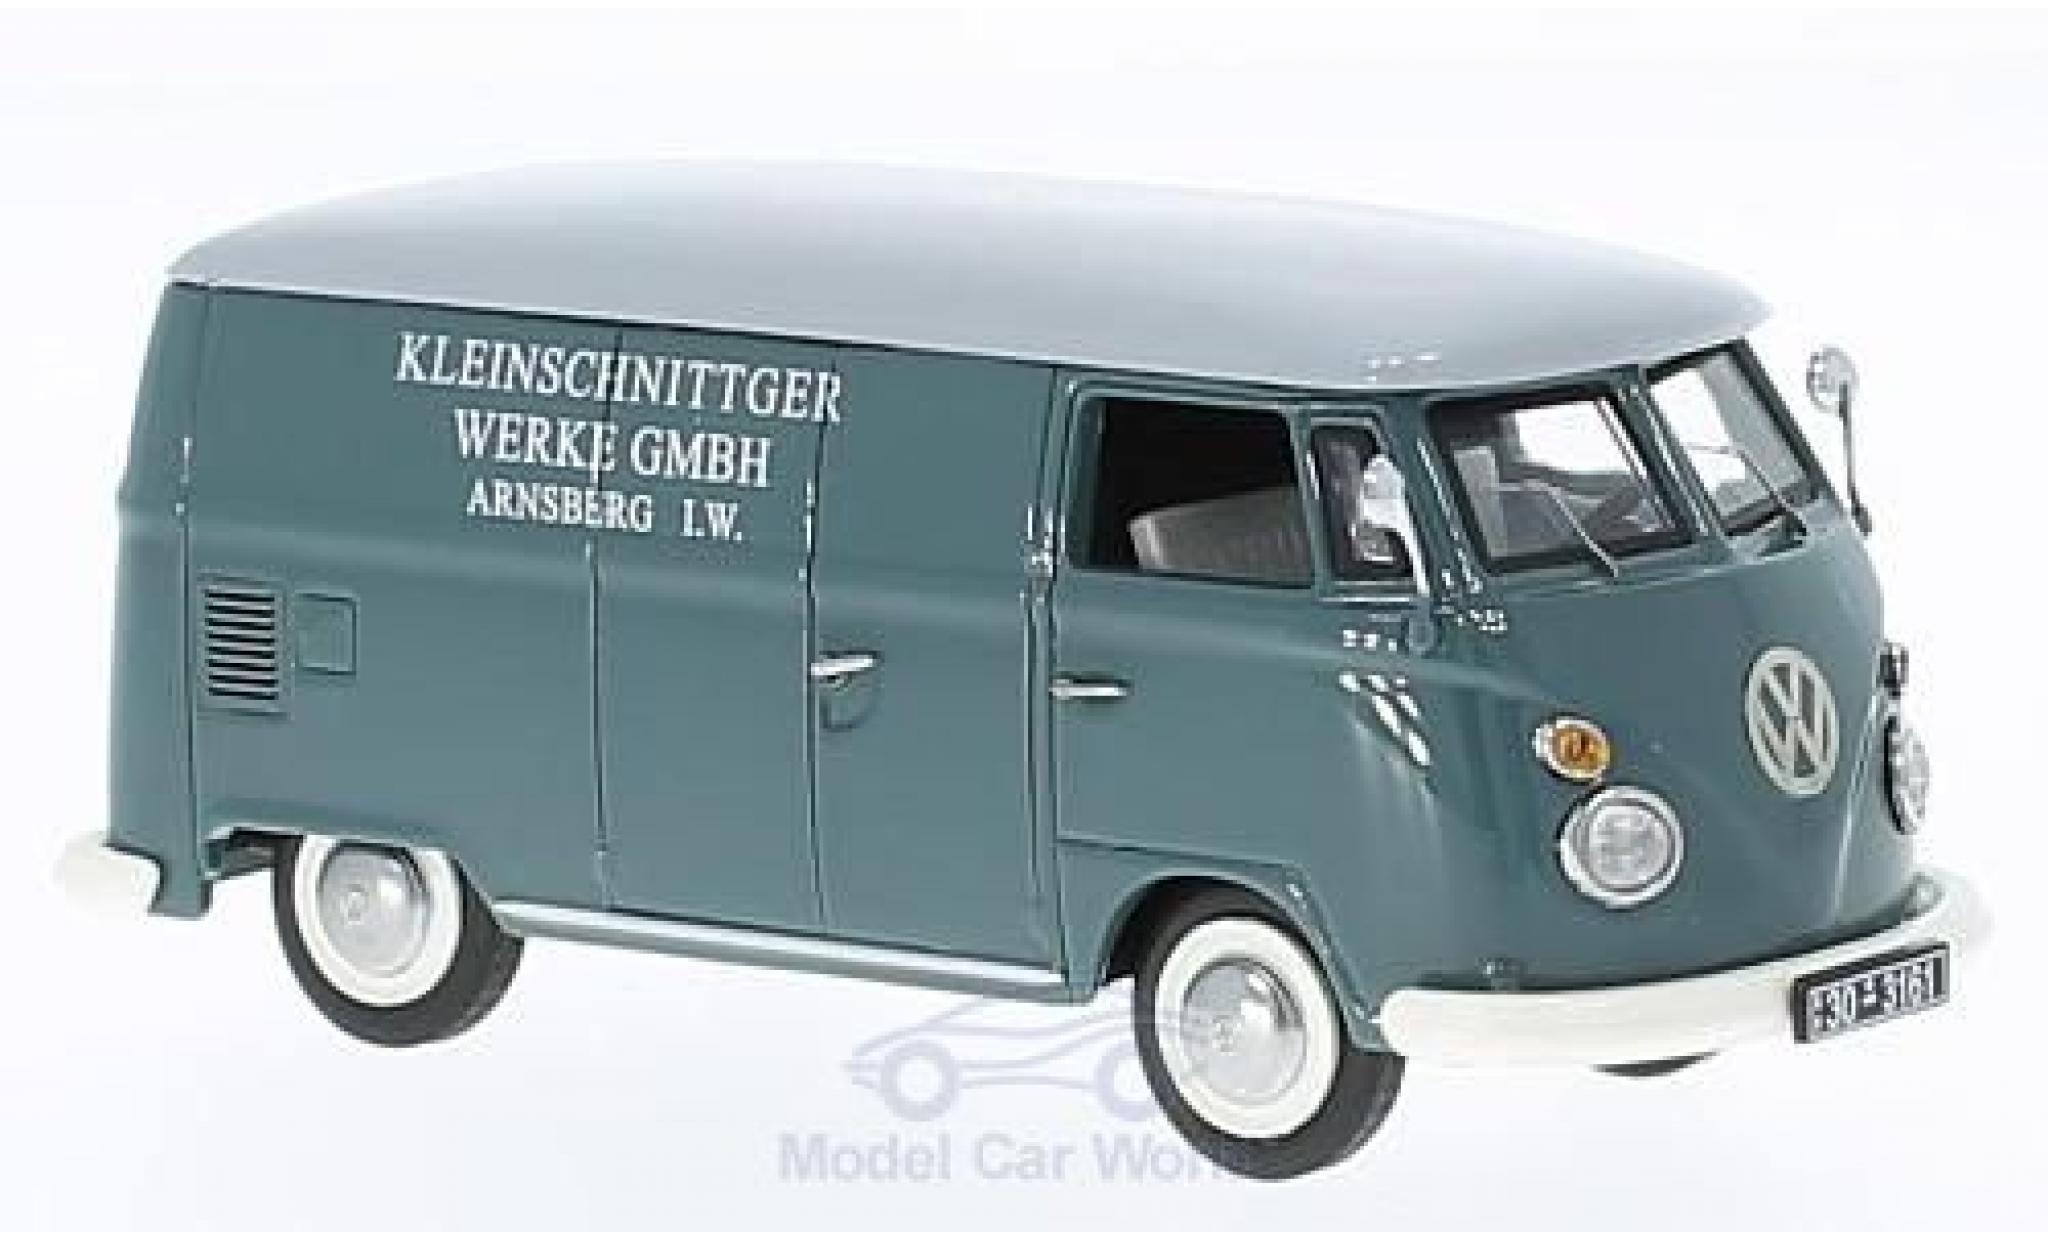 Volkswagen T1 B 1/43 Schuco c Kleinschnittger Werke GmbH Kastenwagen mit Autohänger + Kleinschnittger